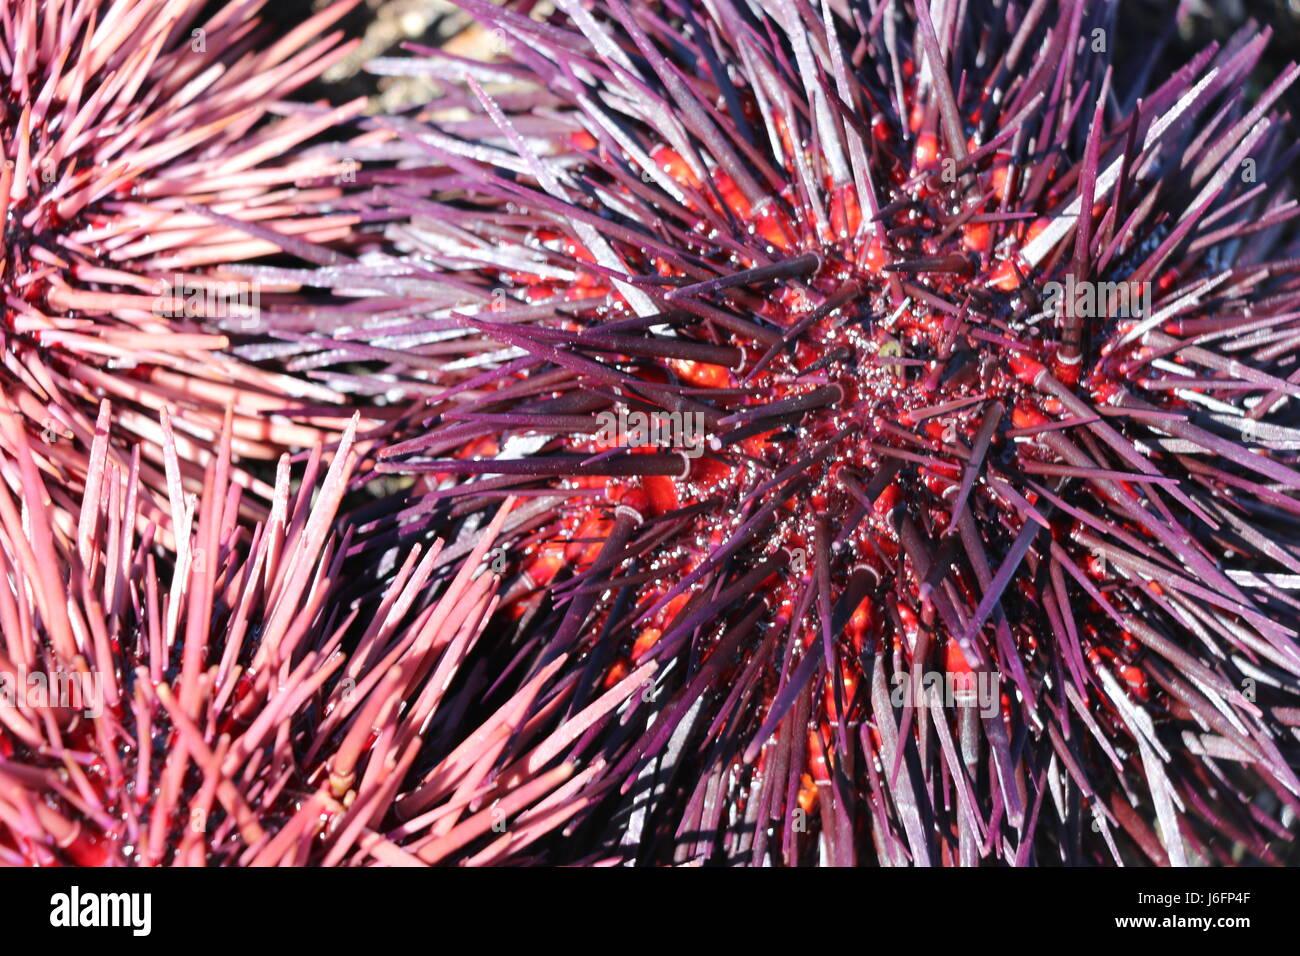 urchin spiky stock photos u0026 urchin spiky stock images alamy